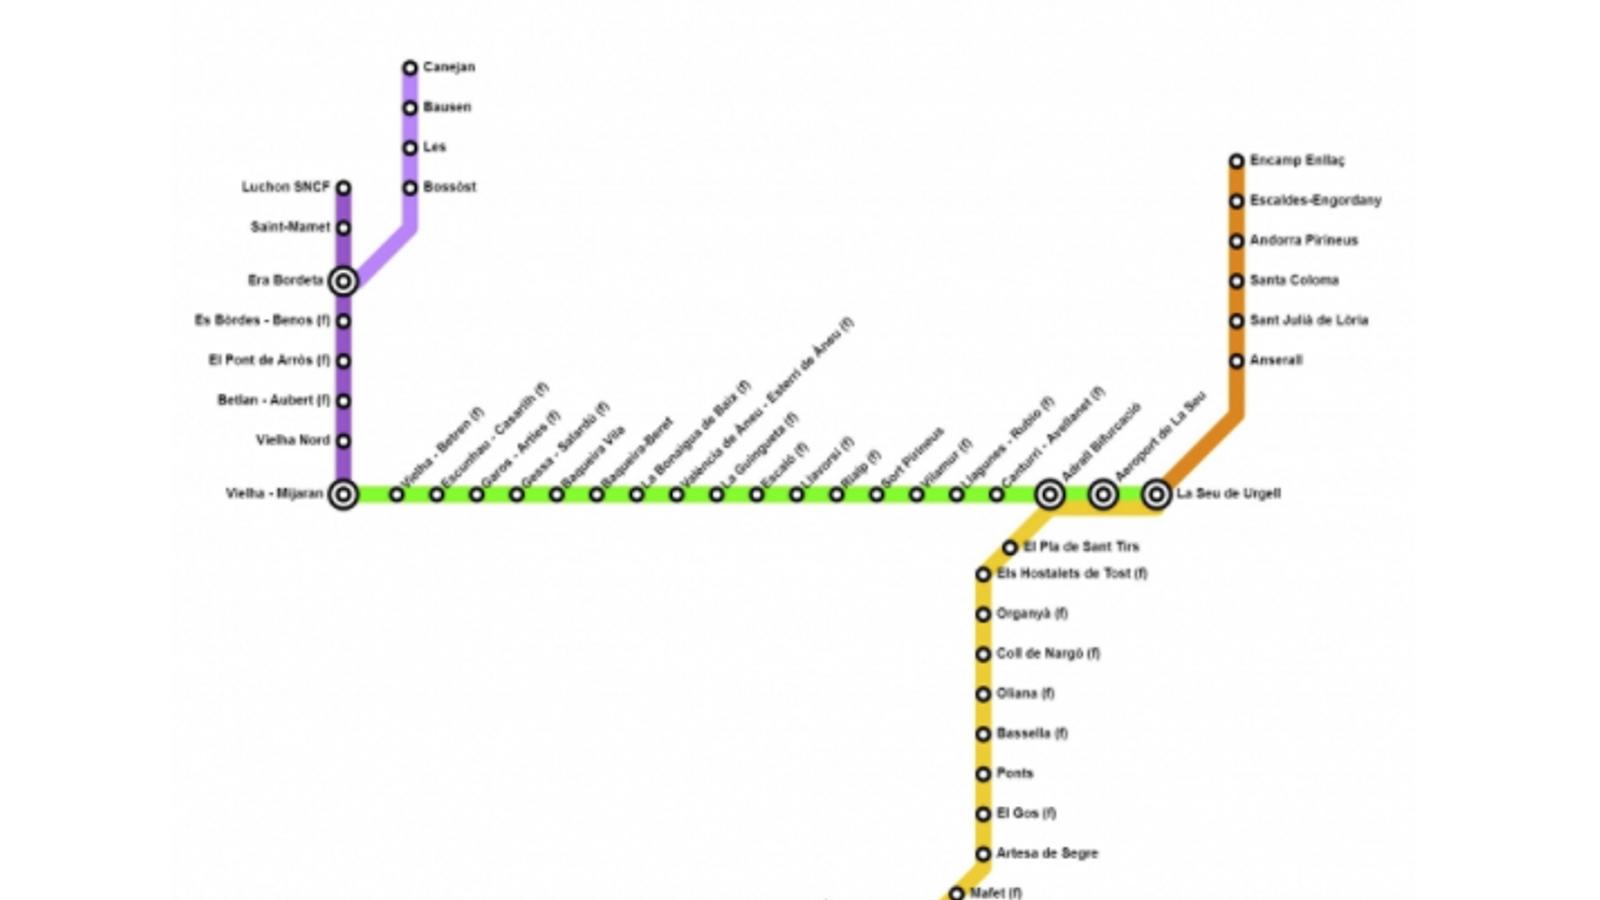 El model facilitat a l'ANA Economia planteja una xarxa ferroviària per a Andorra i els Pirineus catalans. (Foto: ANA Economia)